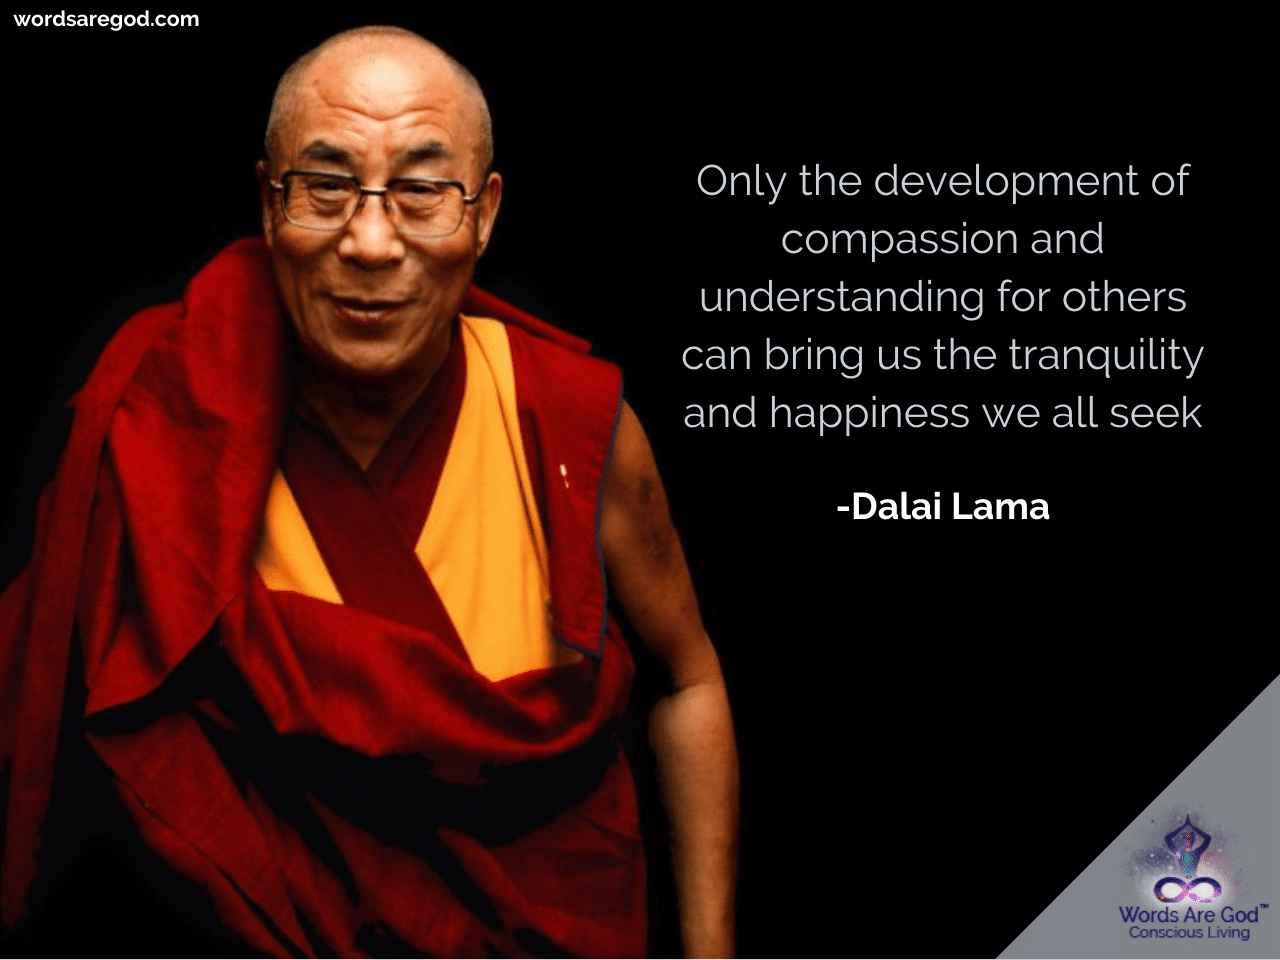 Dalai Lama Life Quote by Dalai Lama